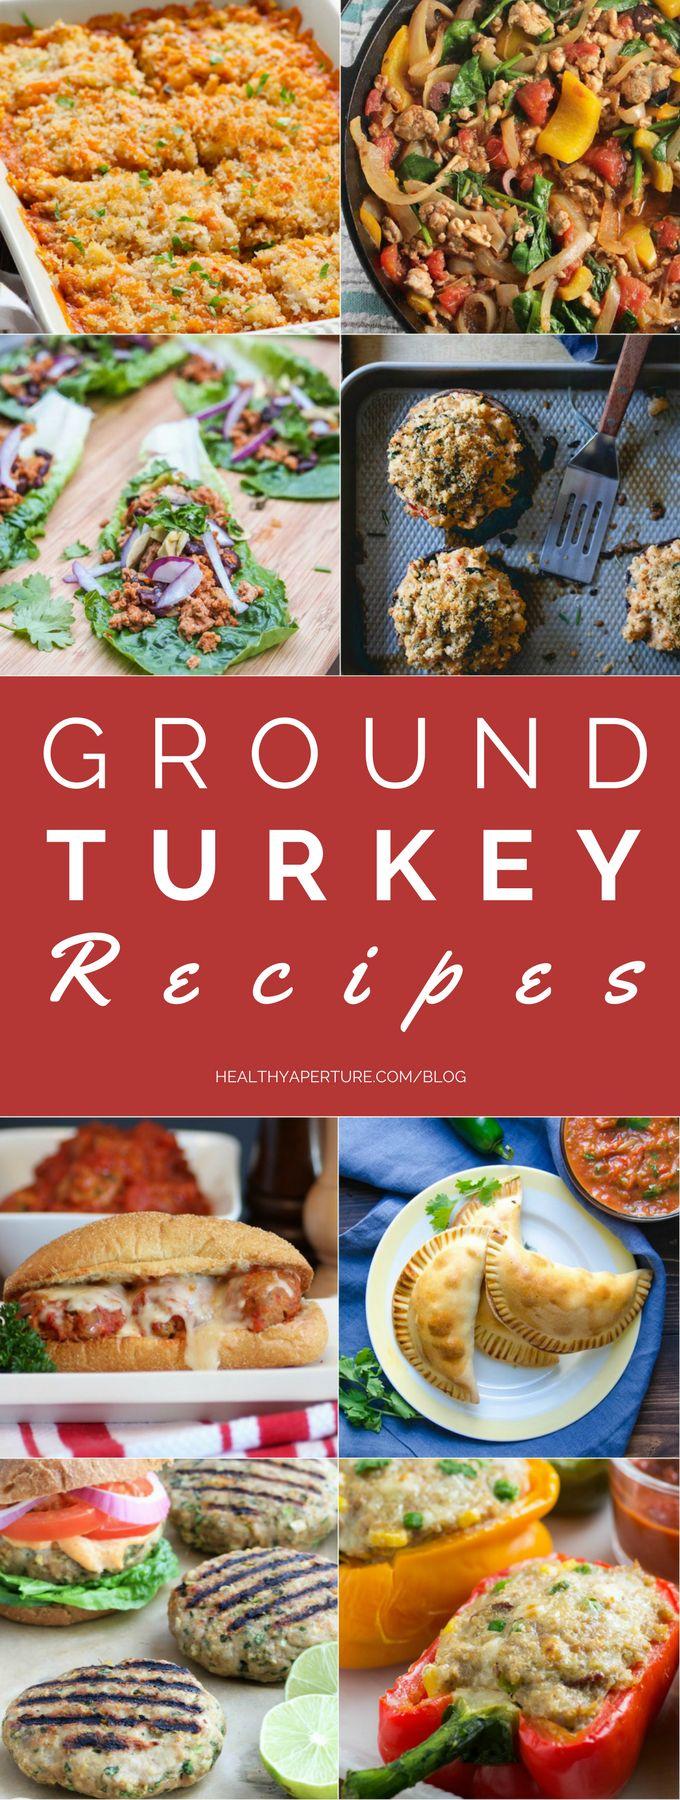 548 mejores imágenes sobre Recipes en Pinterest